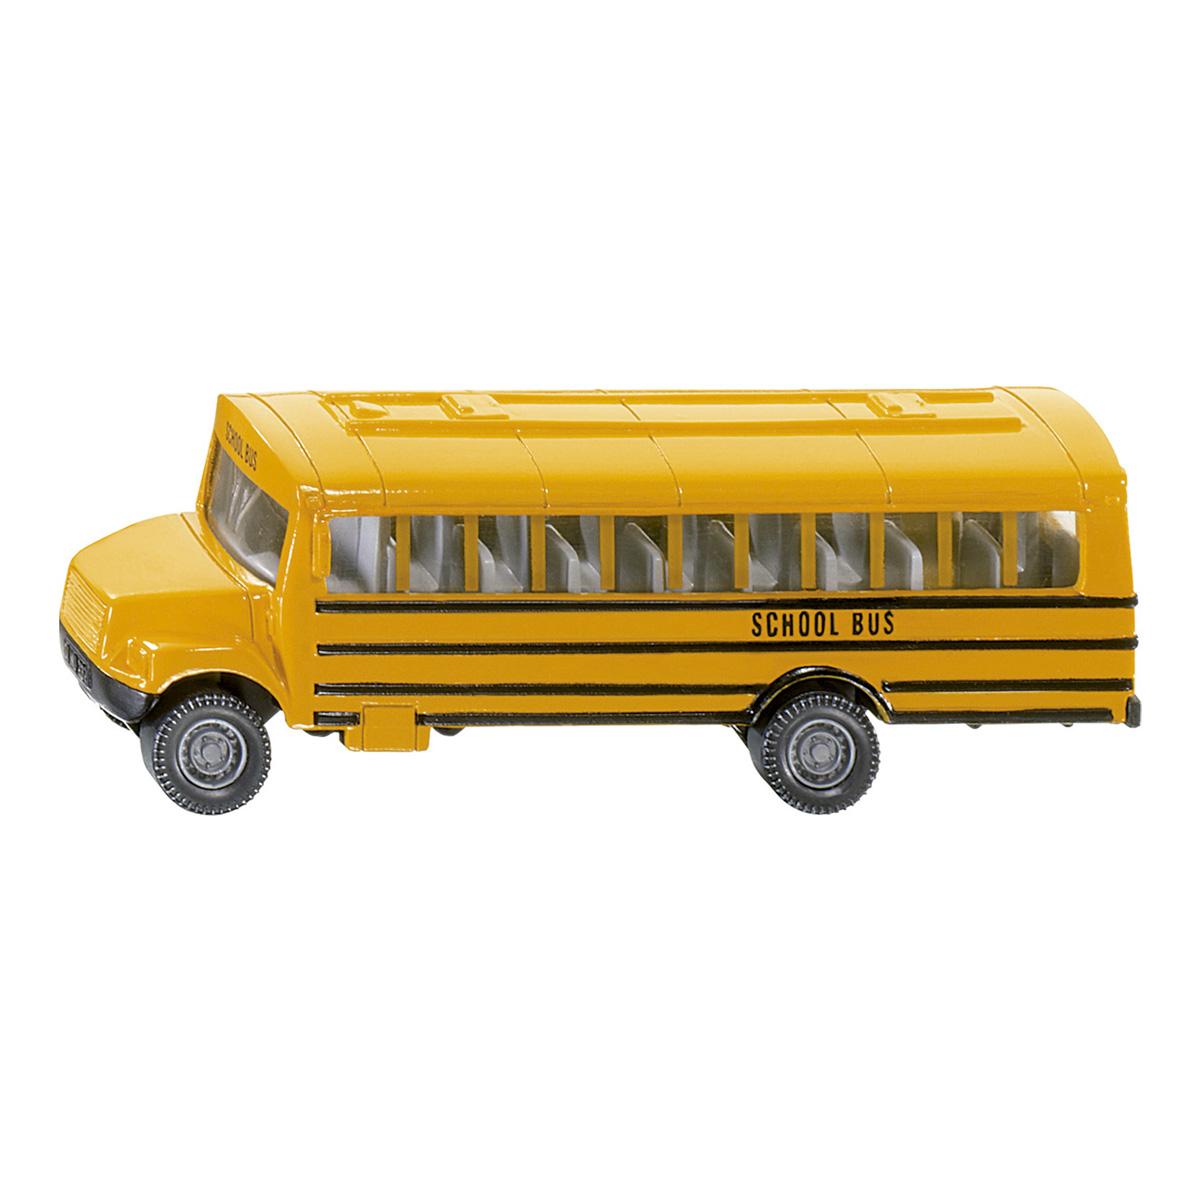 US スクールバス(ジク・SIKU)